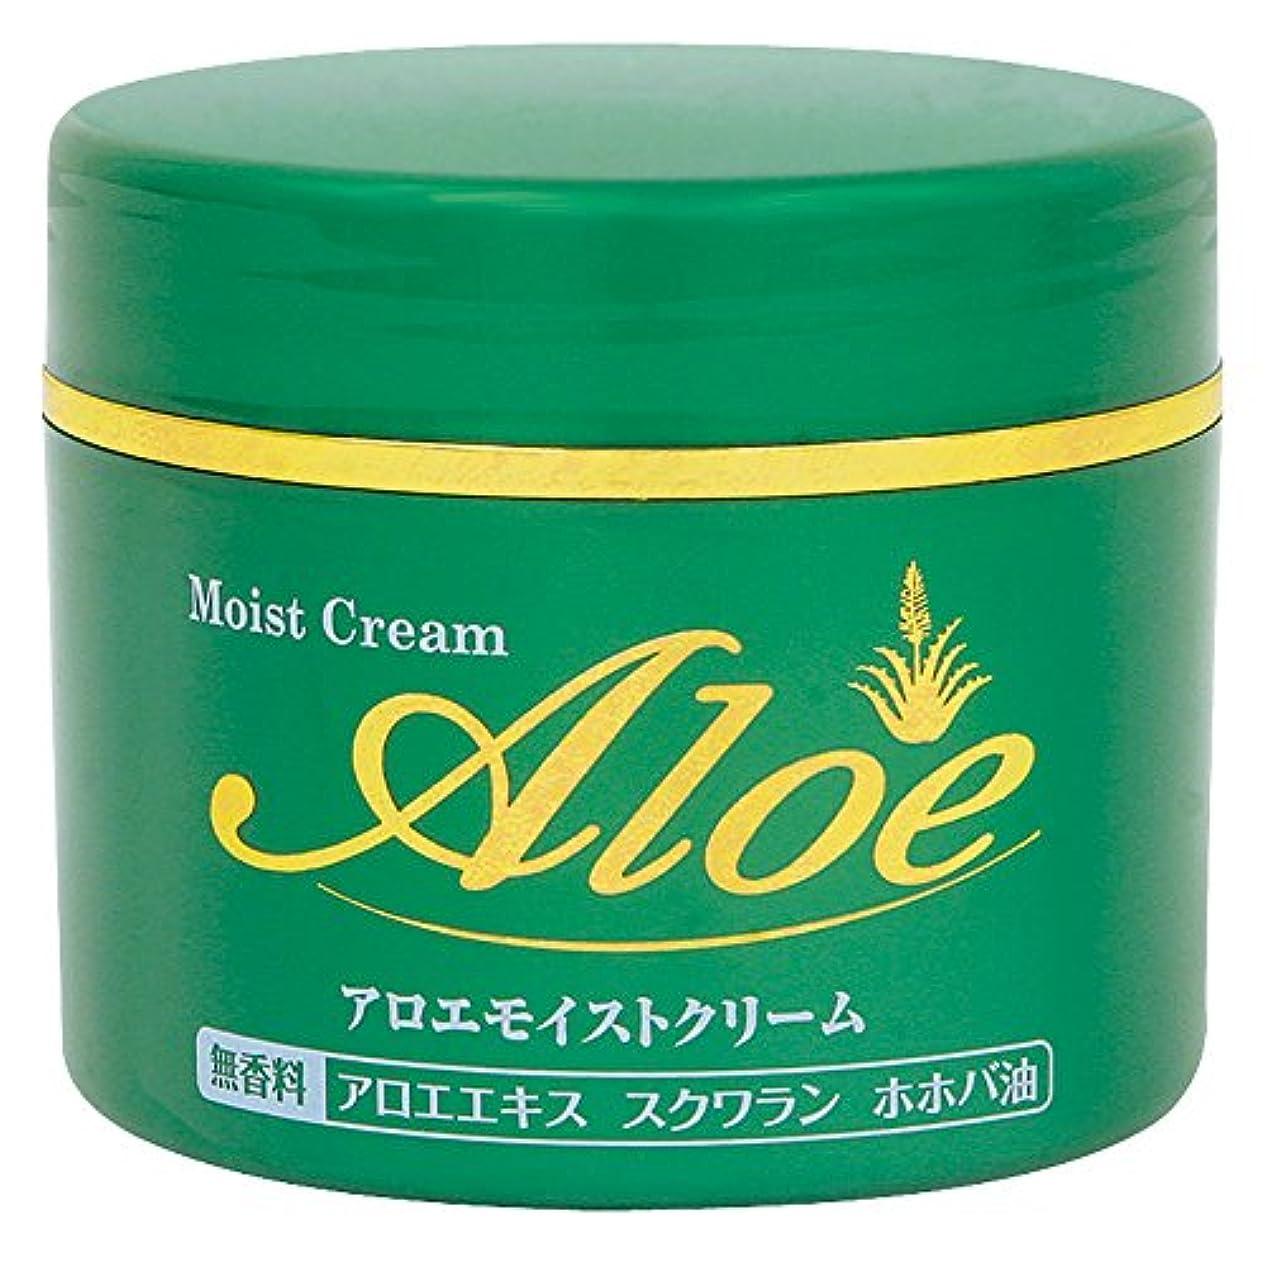 パール雪手のひら井藤漢方製薬 アロエモイストクリーム 160g (アロエクリーム 化粧品)